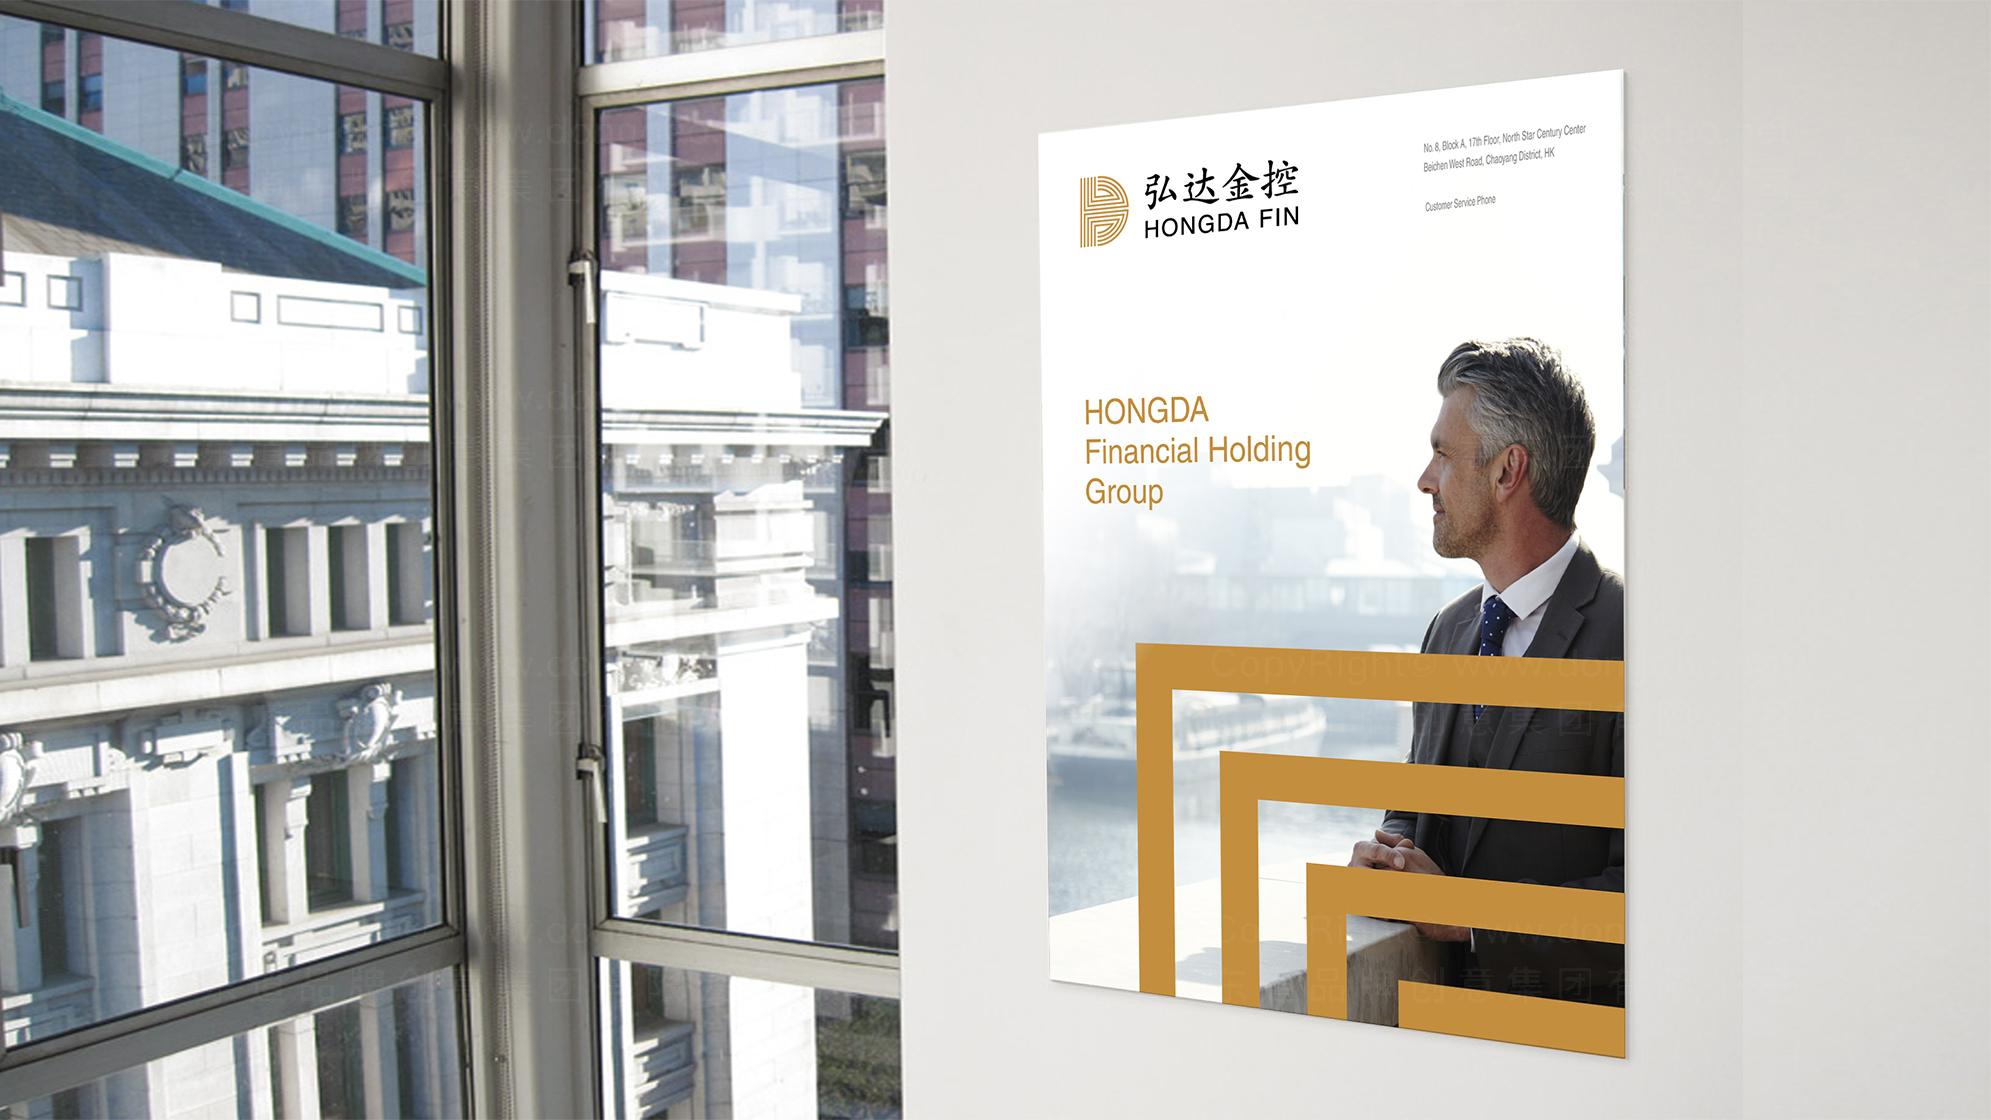 品牌设计弘达金融LOGO&VI设计应用场景_7